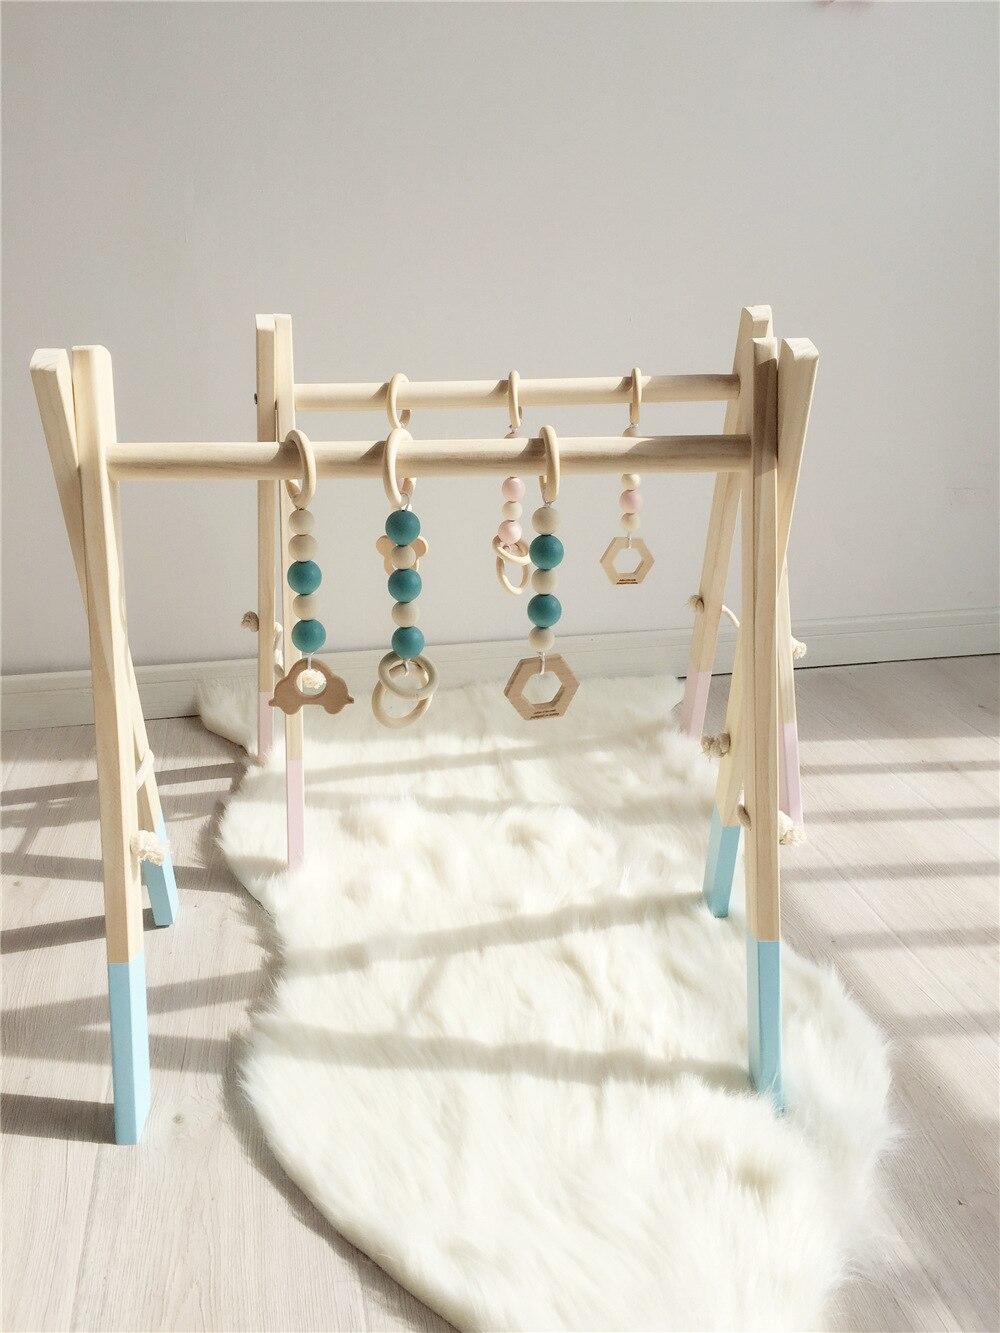 Nordique en bois bébé Gym avec accessoires jouer Gym jouet pépinière décor sensoriel enfant chambre décor photographie accessoires